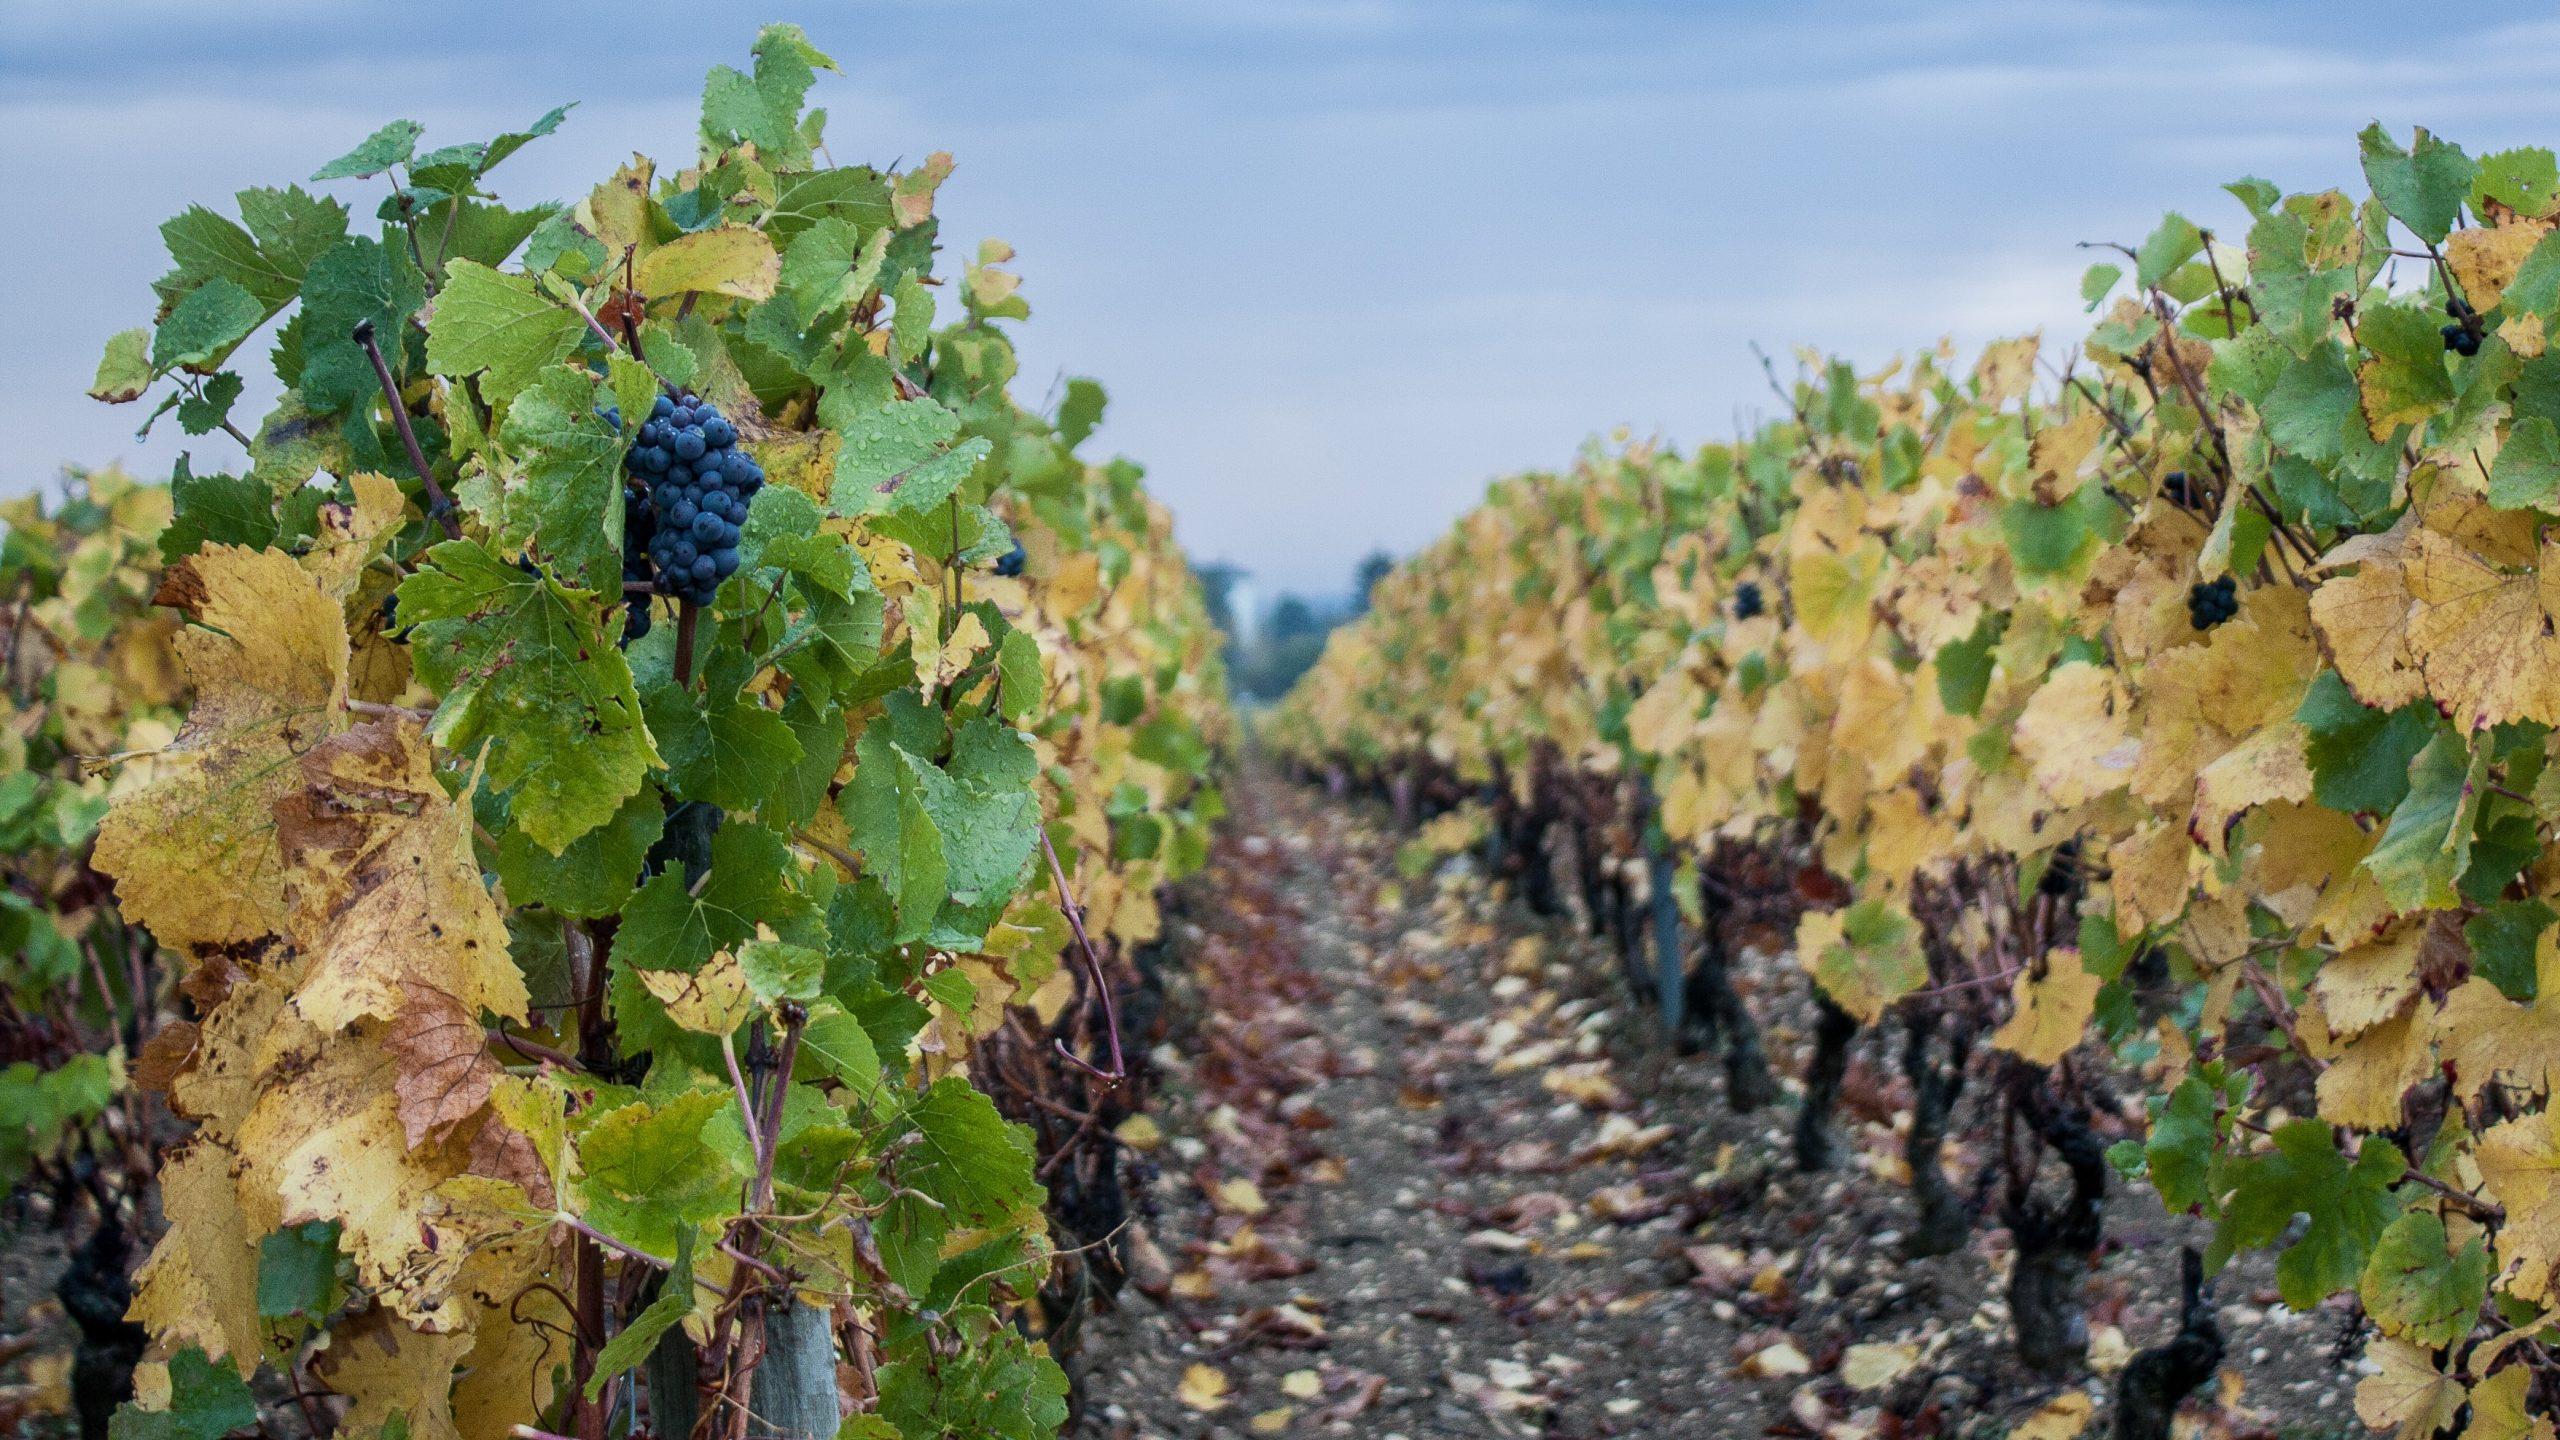 Franse druivenoogst verwoest door nachtvorst